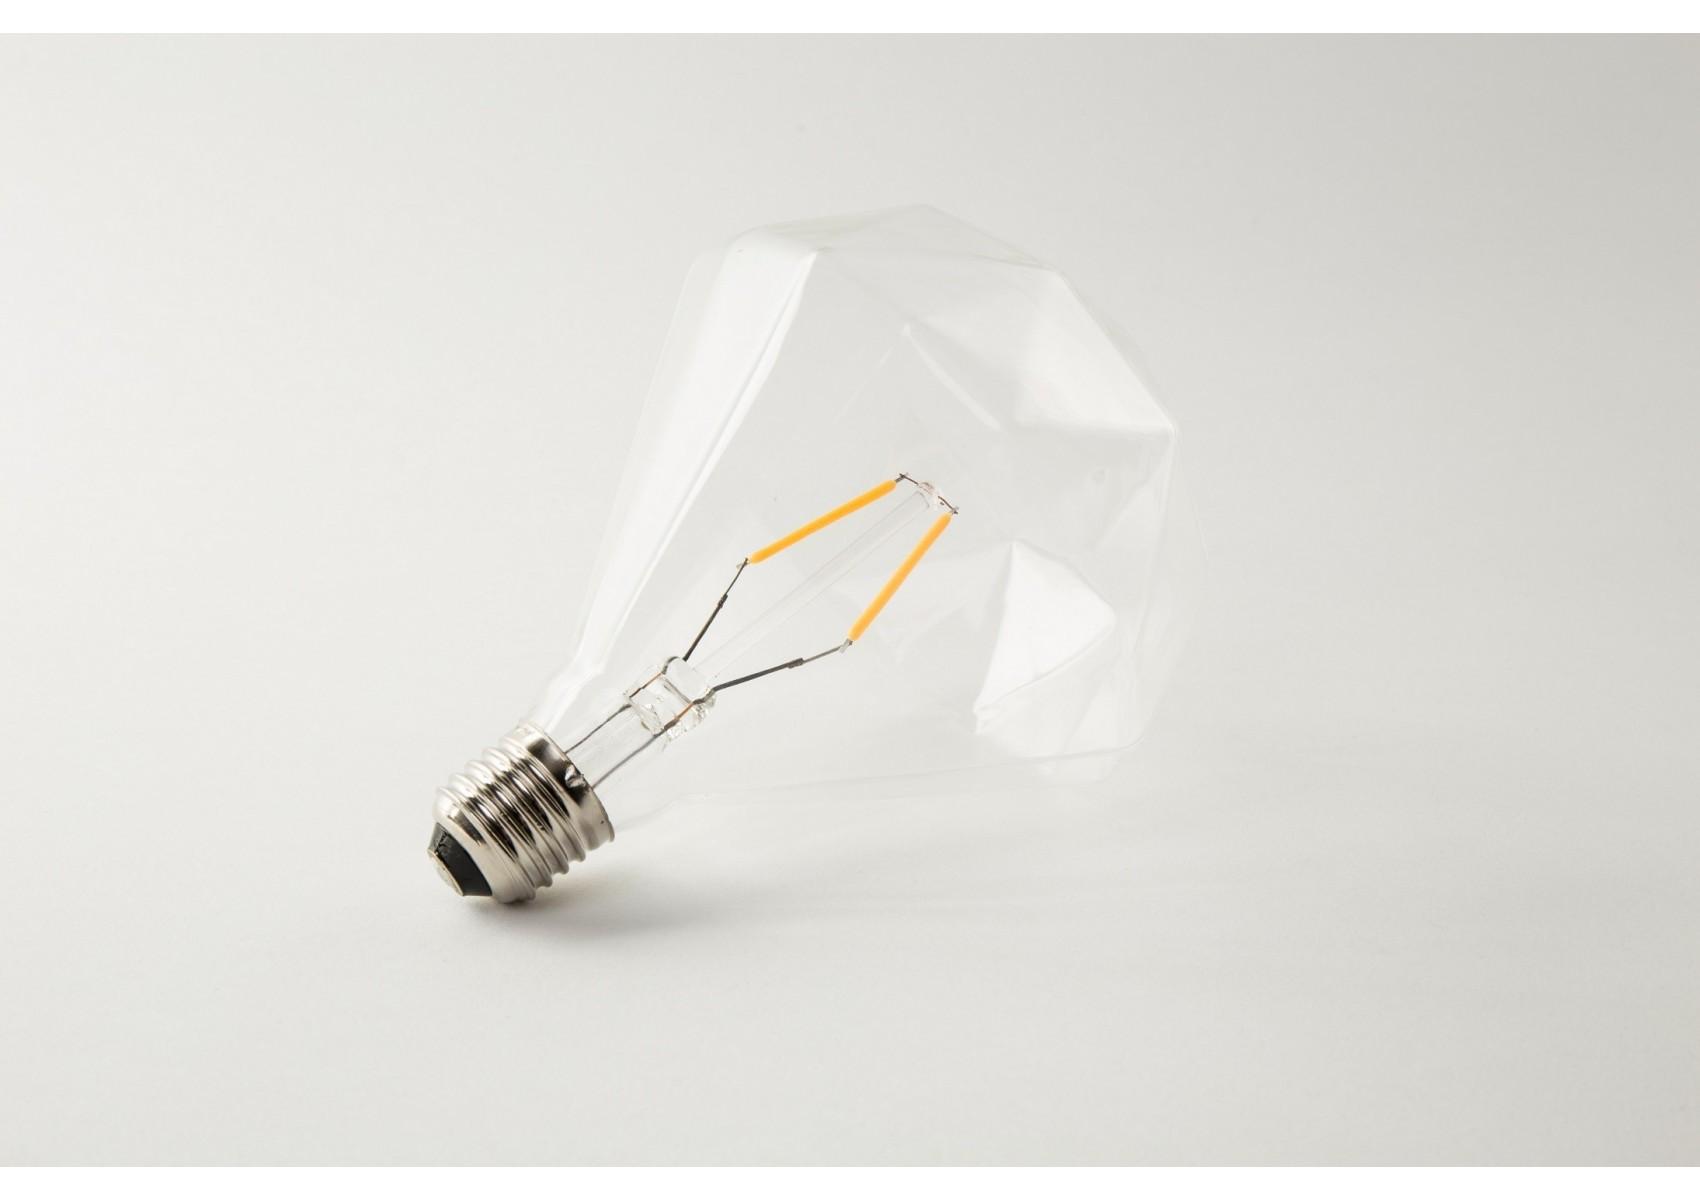 ampoule diamond led e27 d corative par filament 2watts et 138 lm boite design. Black Bedroom Furniture Sets. Home Design Ideas